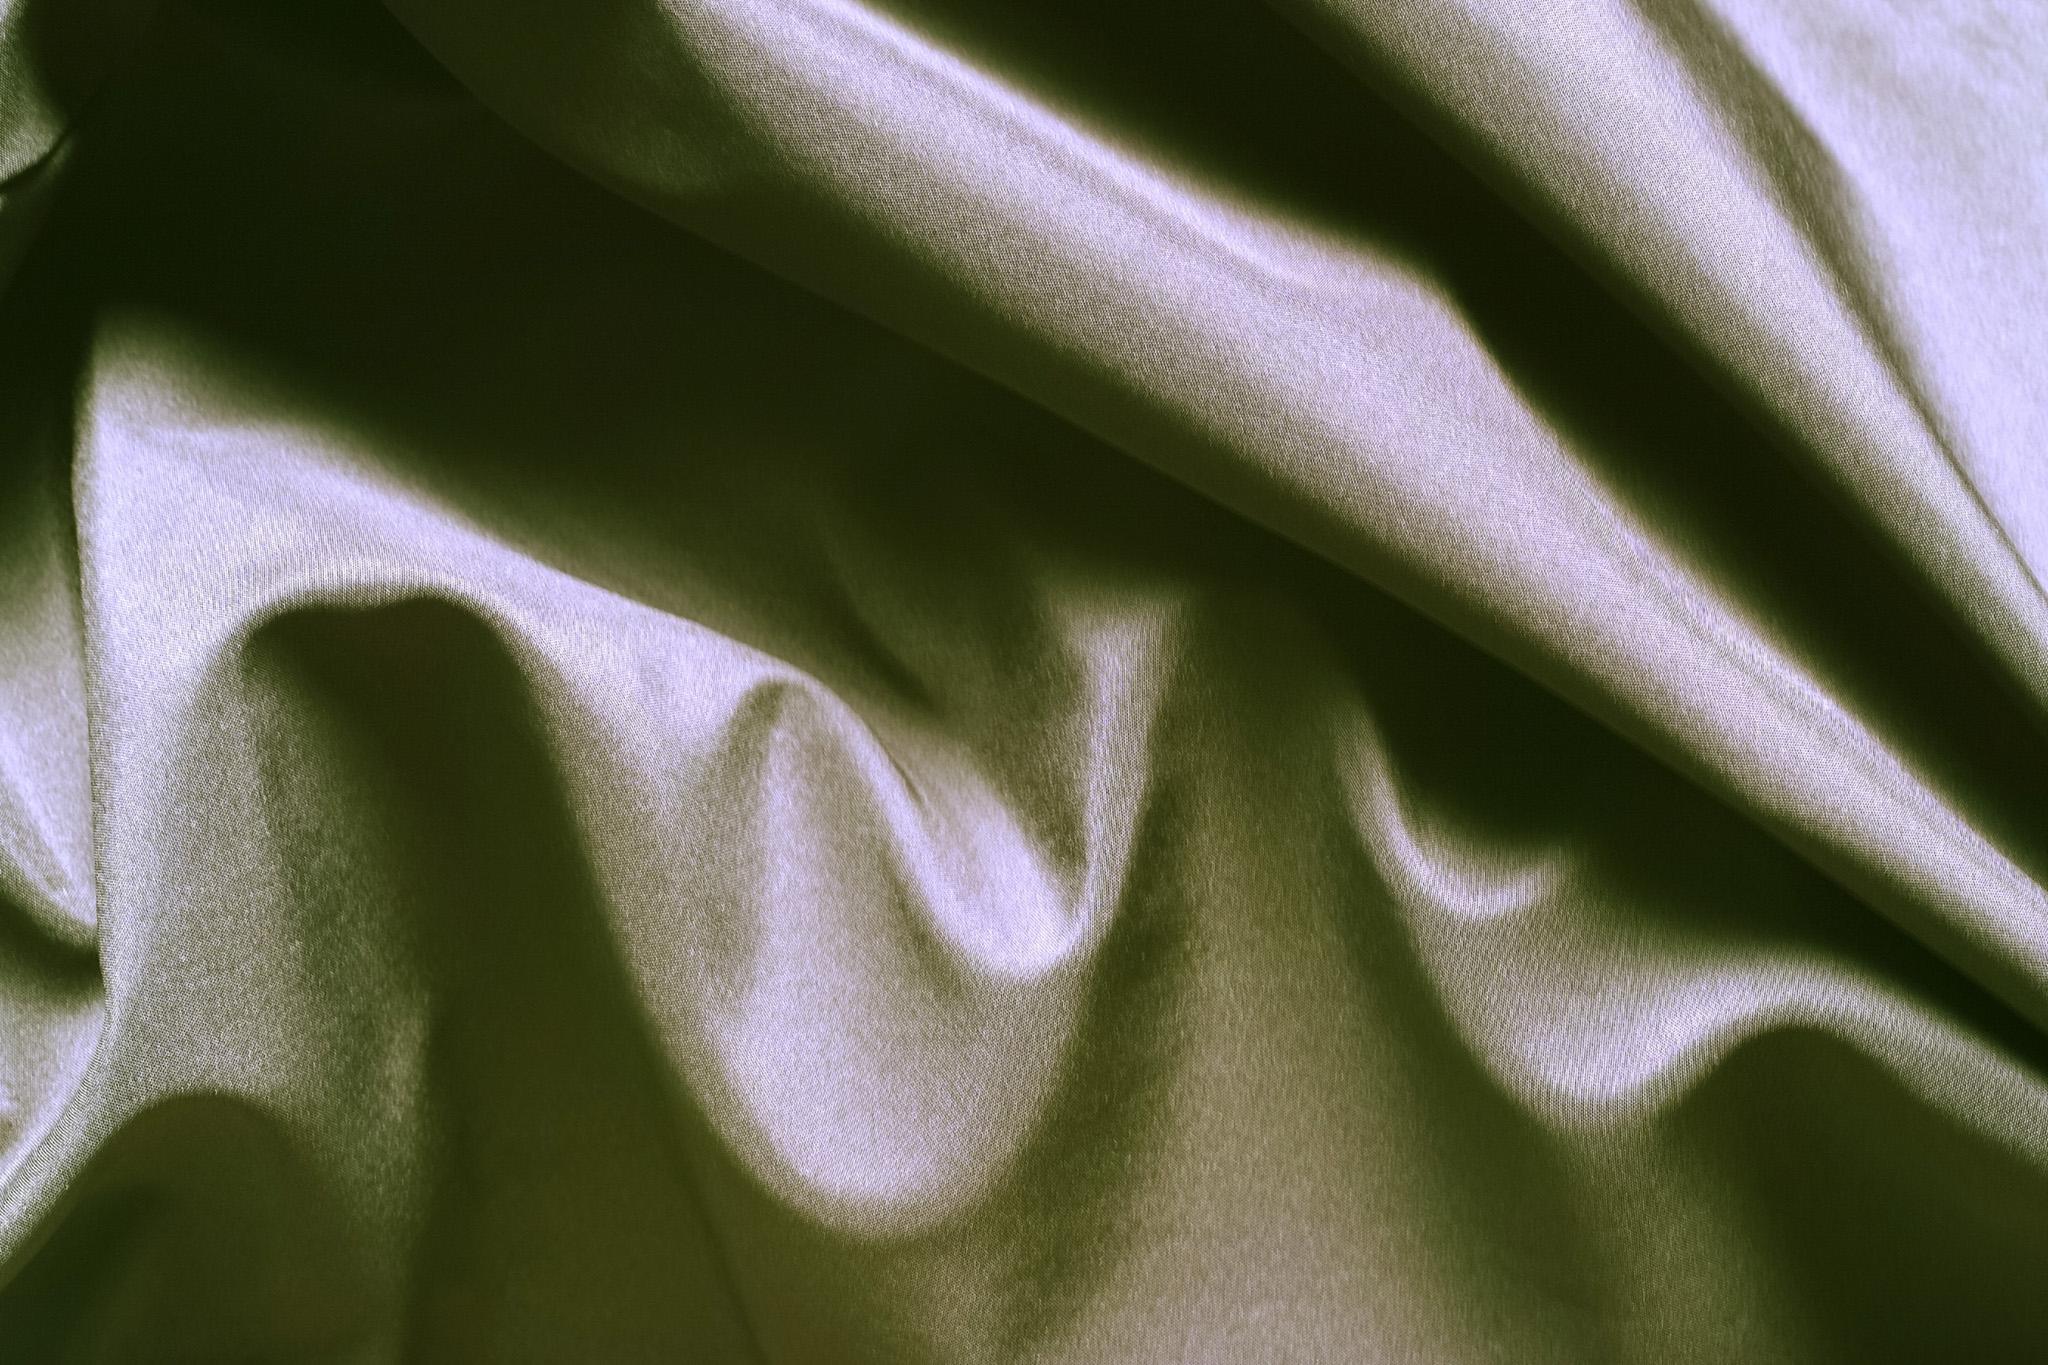 「凹凸のある白い布の質感」